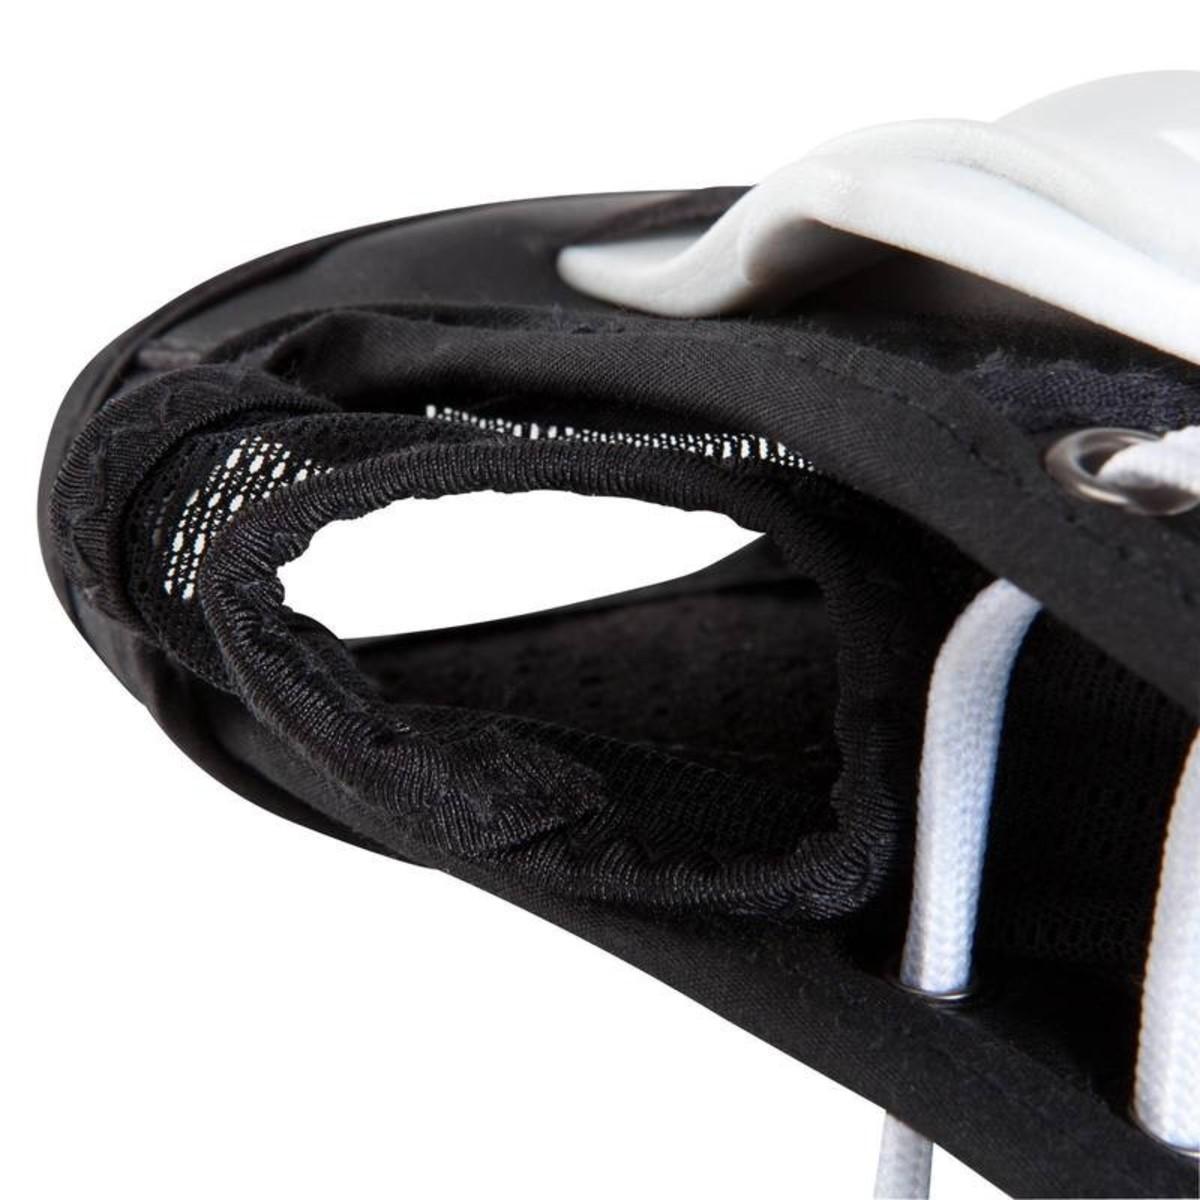 Bild 5 von POWERSLIDE Handgelenkschützer für Inliner Skateboard Erwachsene Ennui Allround schwarz, Größe: 39/40